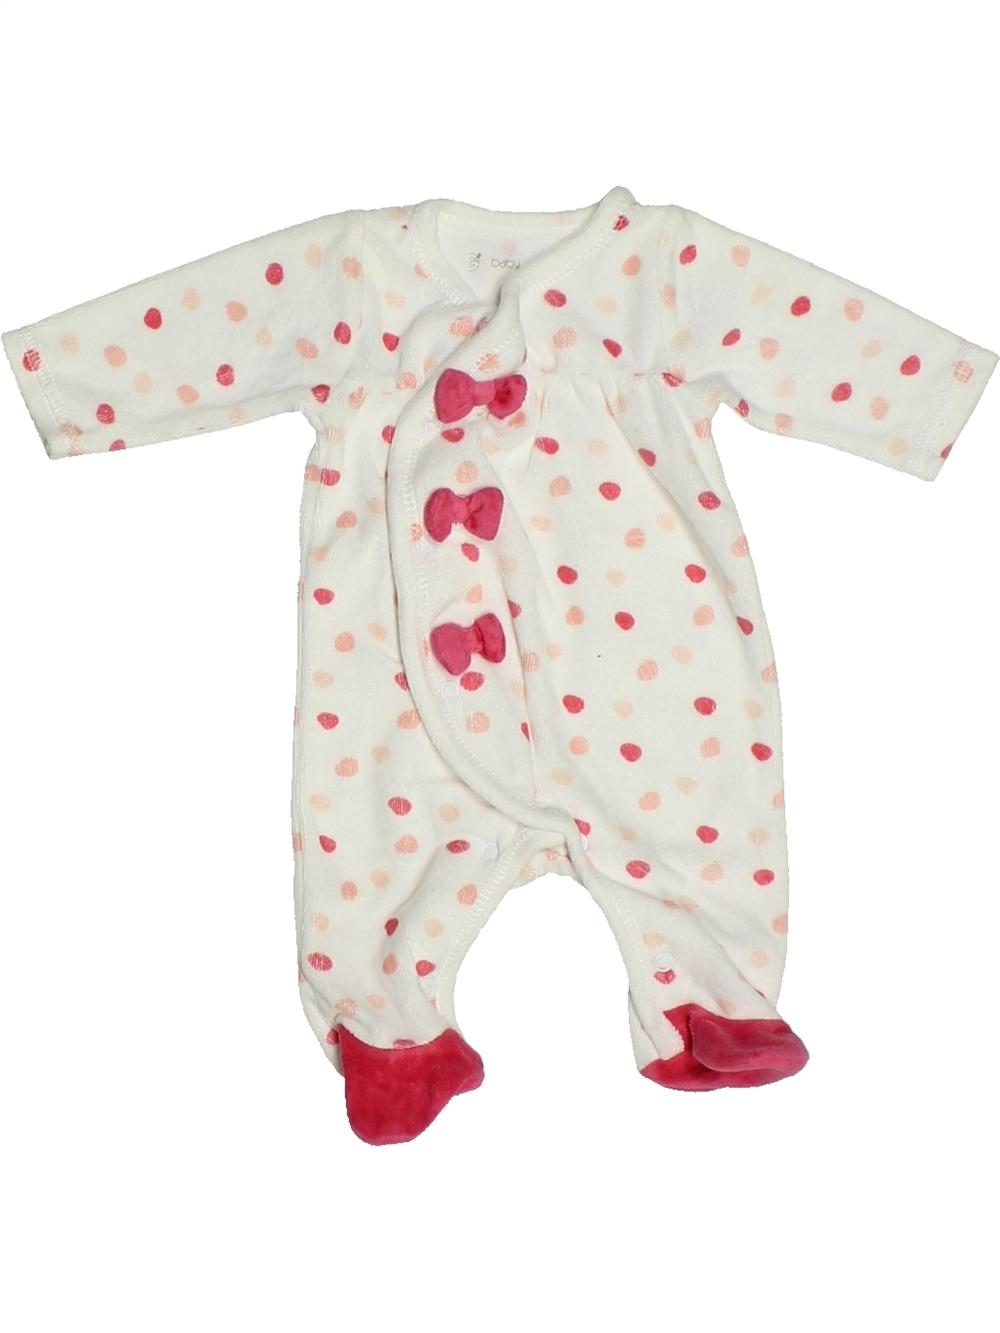 59440e0818f4d Pyjama 1 piece blanc GEMO du naissance pour Fille - 1131900